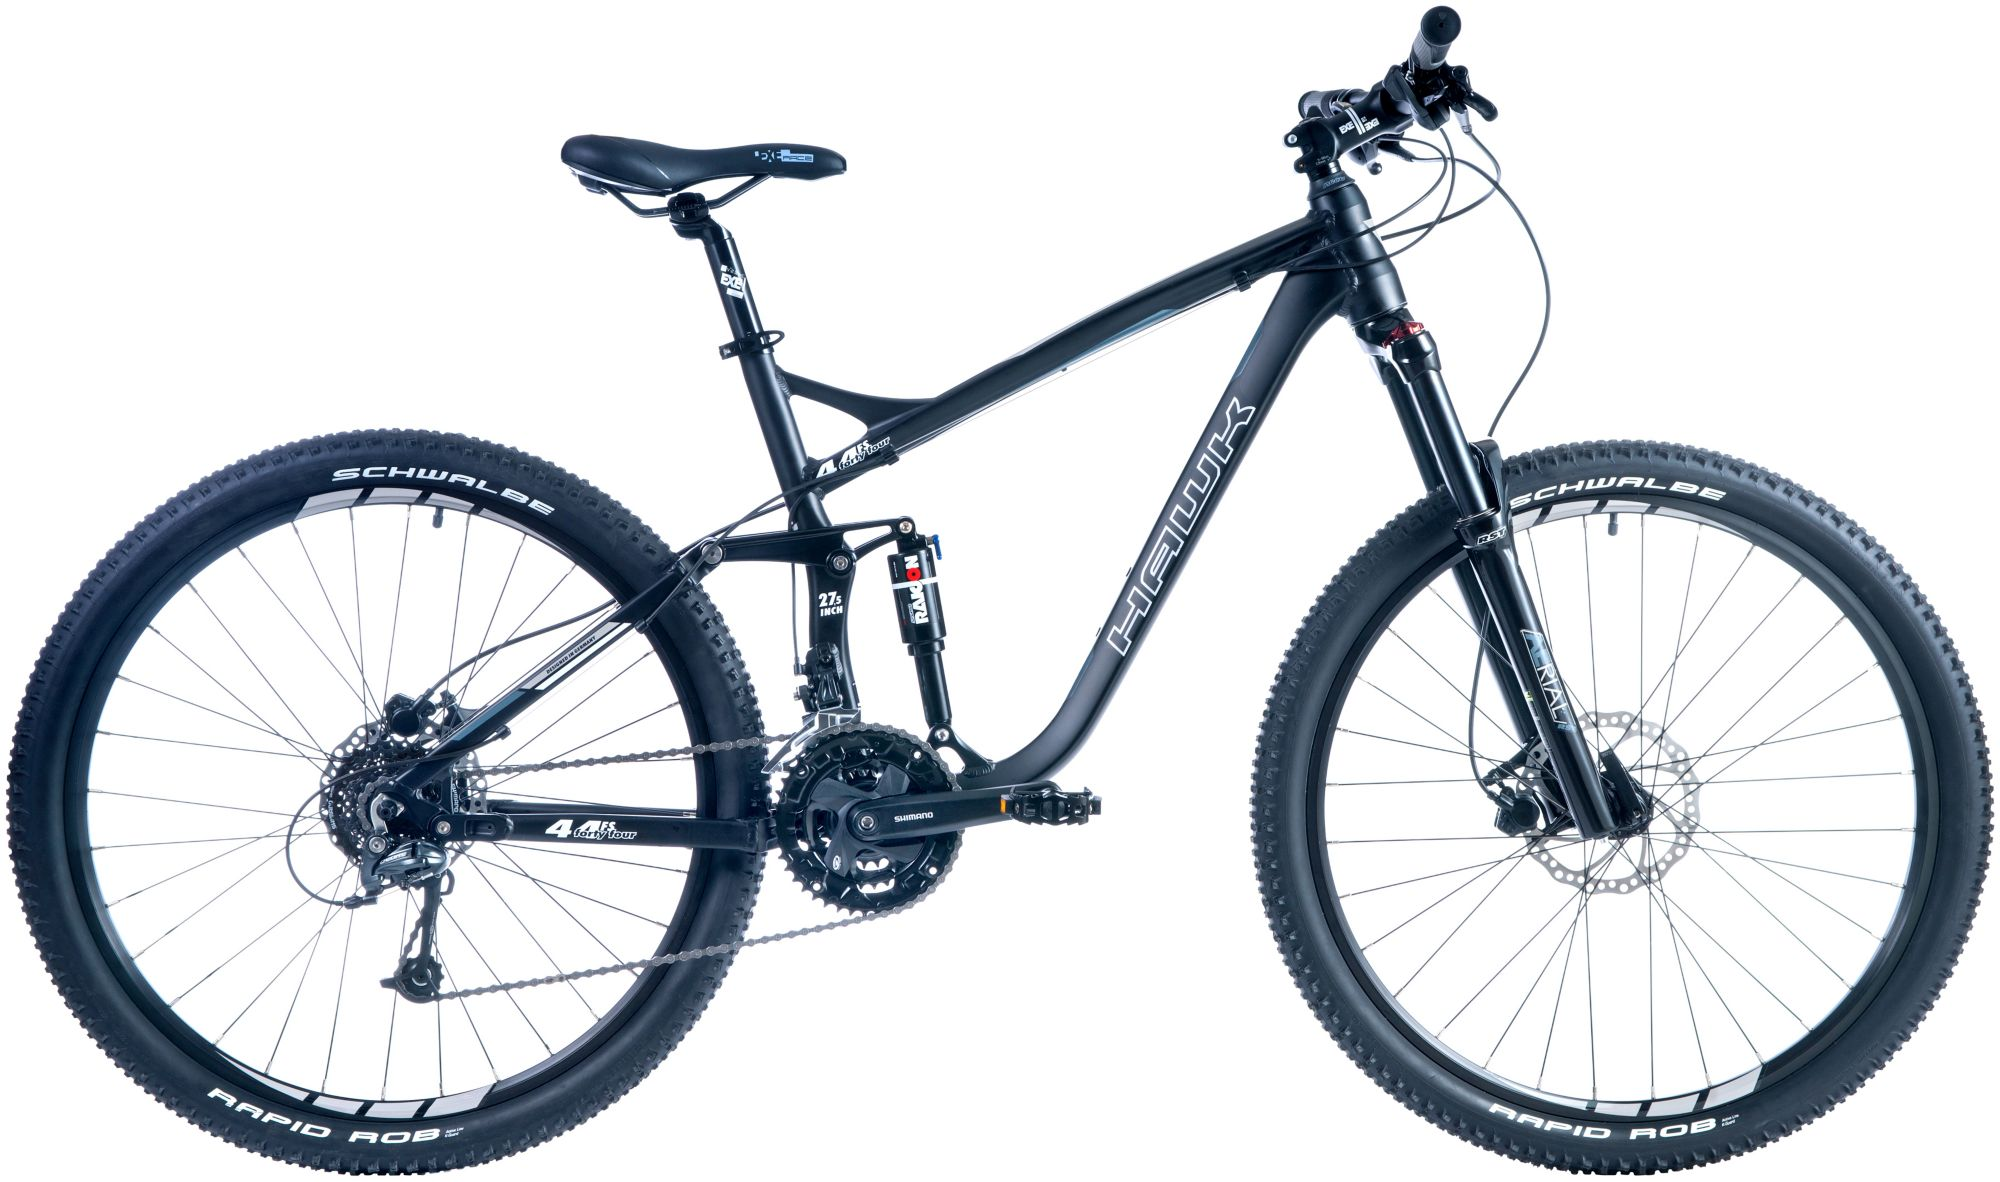 HAWK Hawk Mountainbike »Fourtyfour«, RH 50, 27,5 Zoll, 27 Gang, Hydraulische Scheibenbremsen